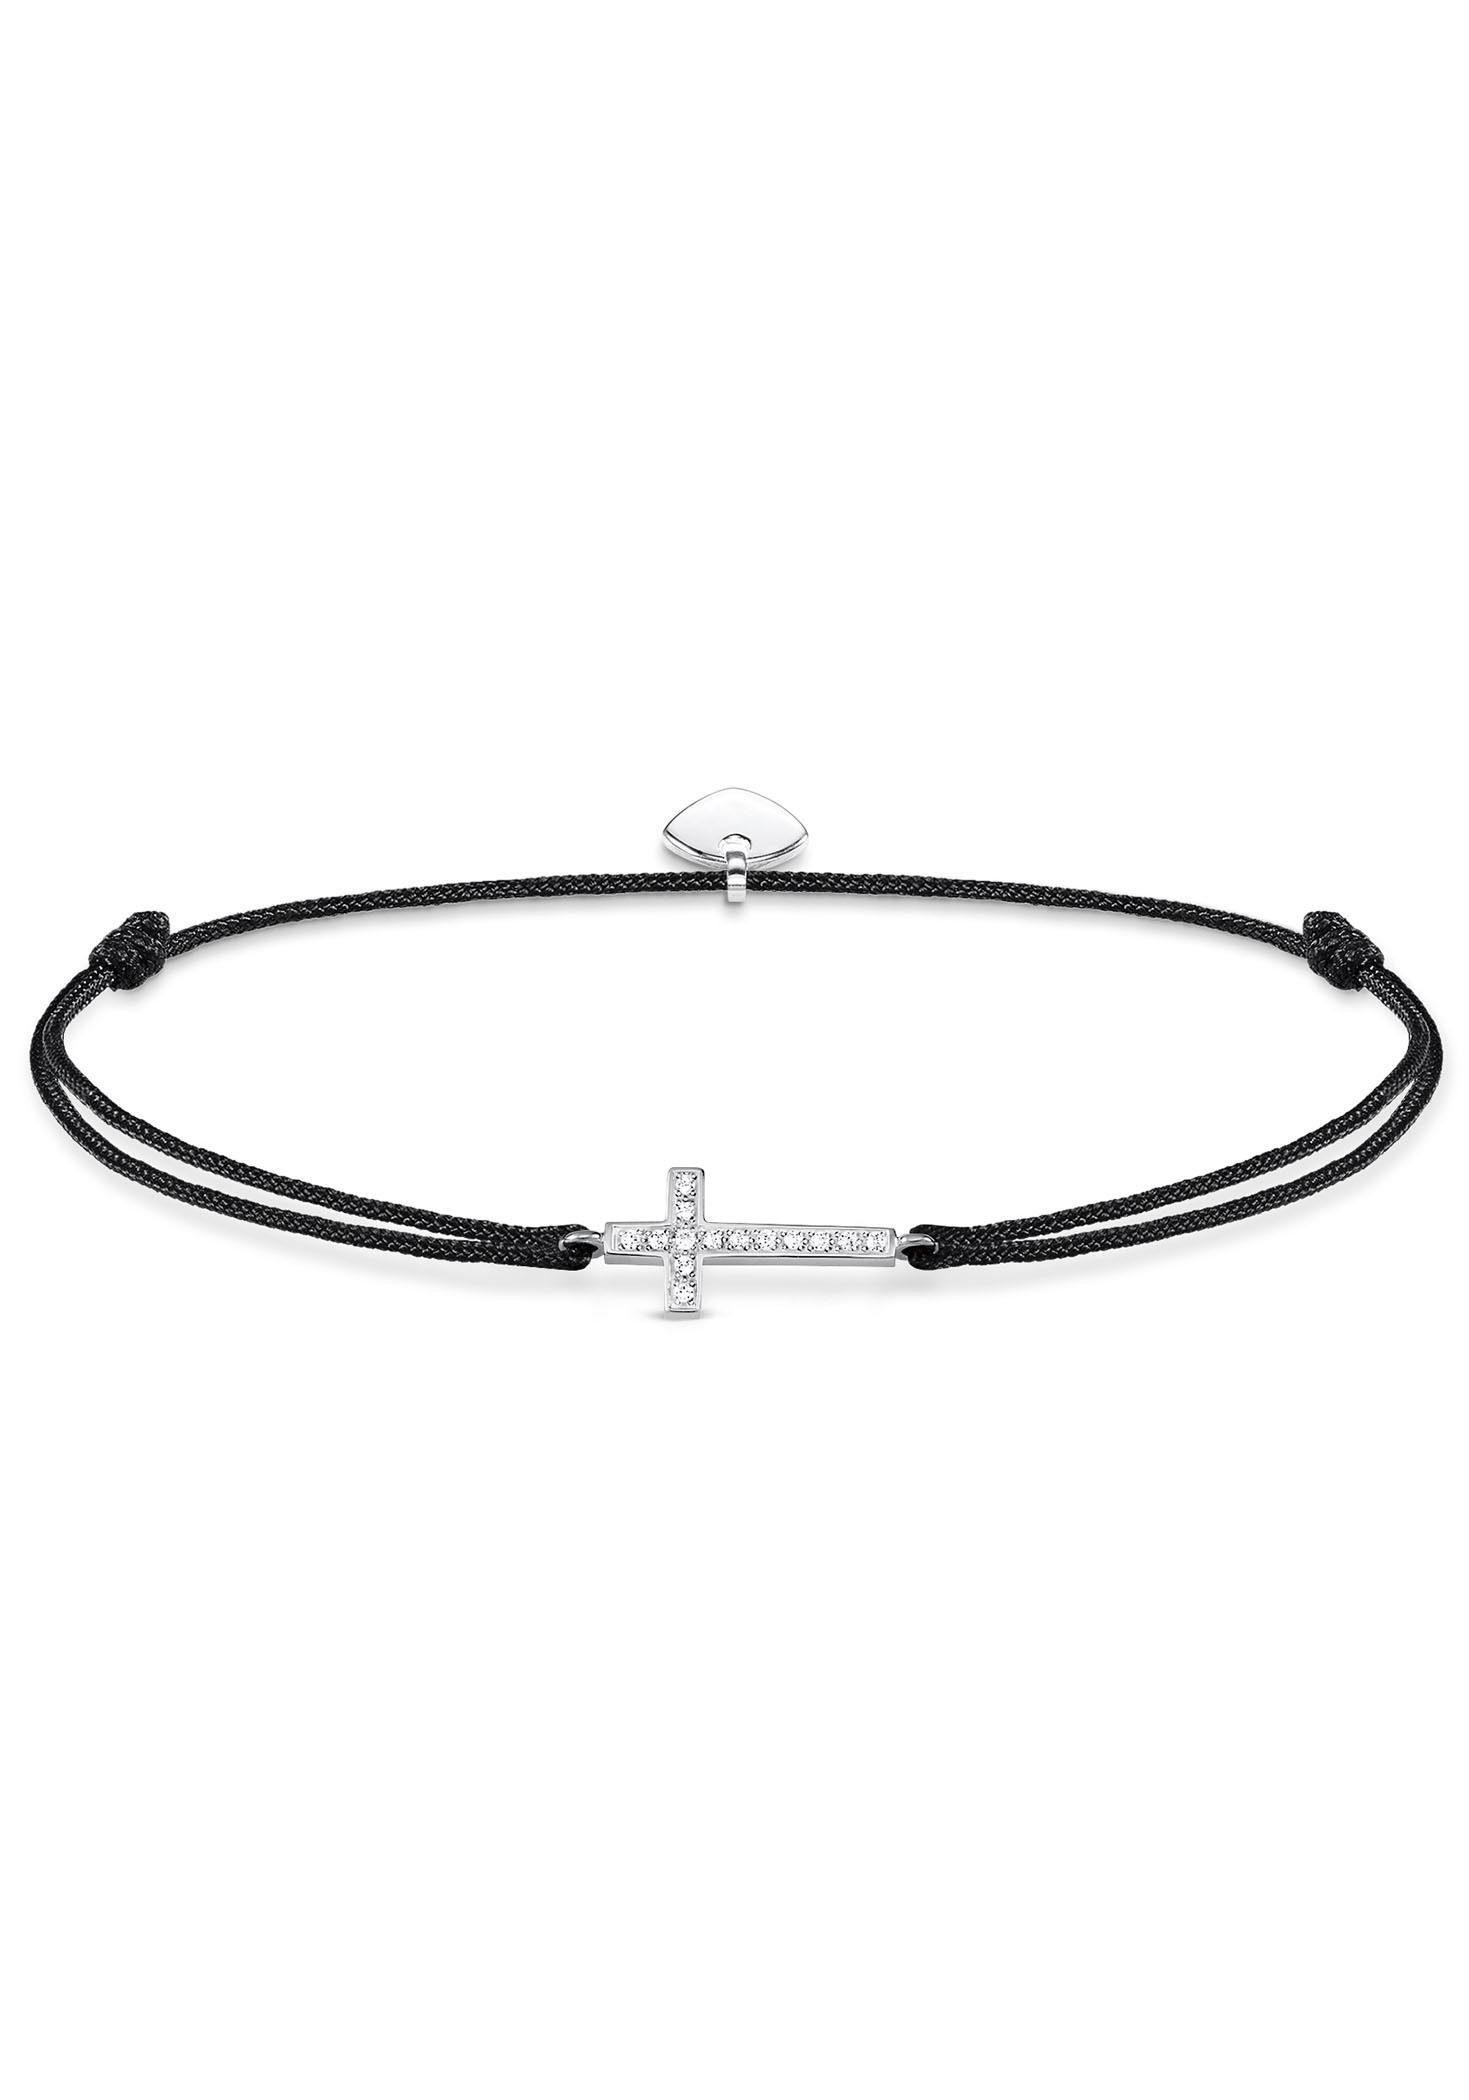 THOMAS SABO Armband »Kreuz, Little Secret, LS013-401-11-L20v«, mit Zirkonia